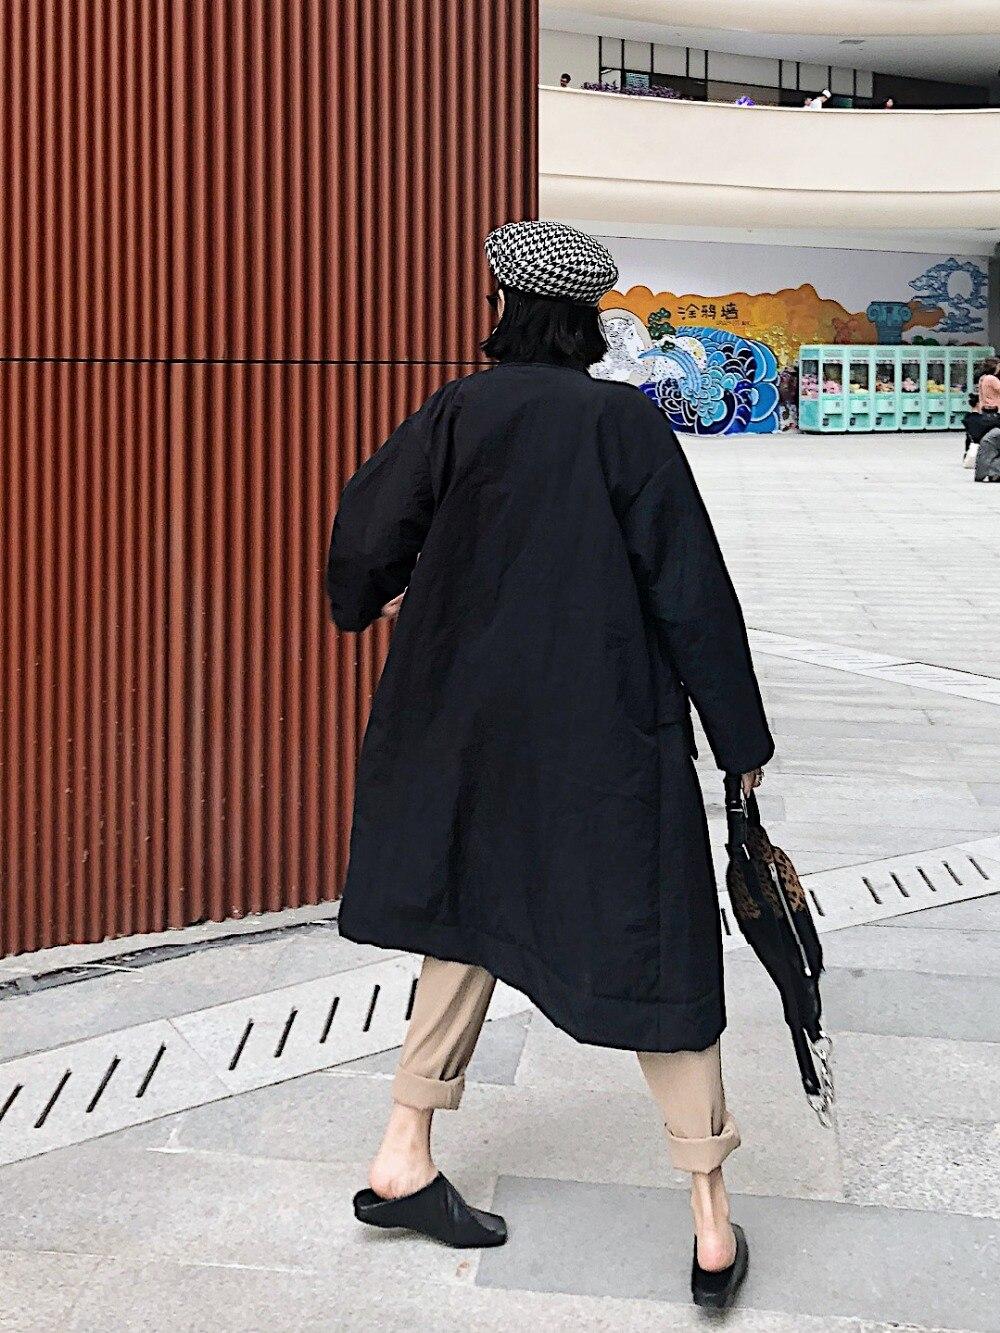 Pur Coton Splice Manteau Costume Étudiant army Rue Noir Couleur Épais Pocket Et Green Long Col Chaud Harbin Bf Hiver Vestes 5ZqXnqOw